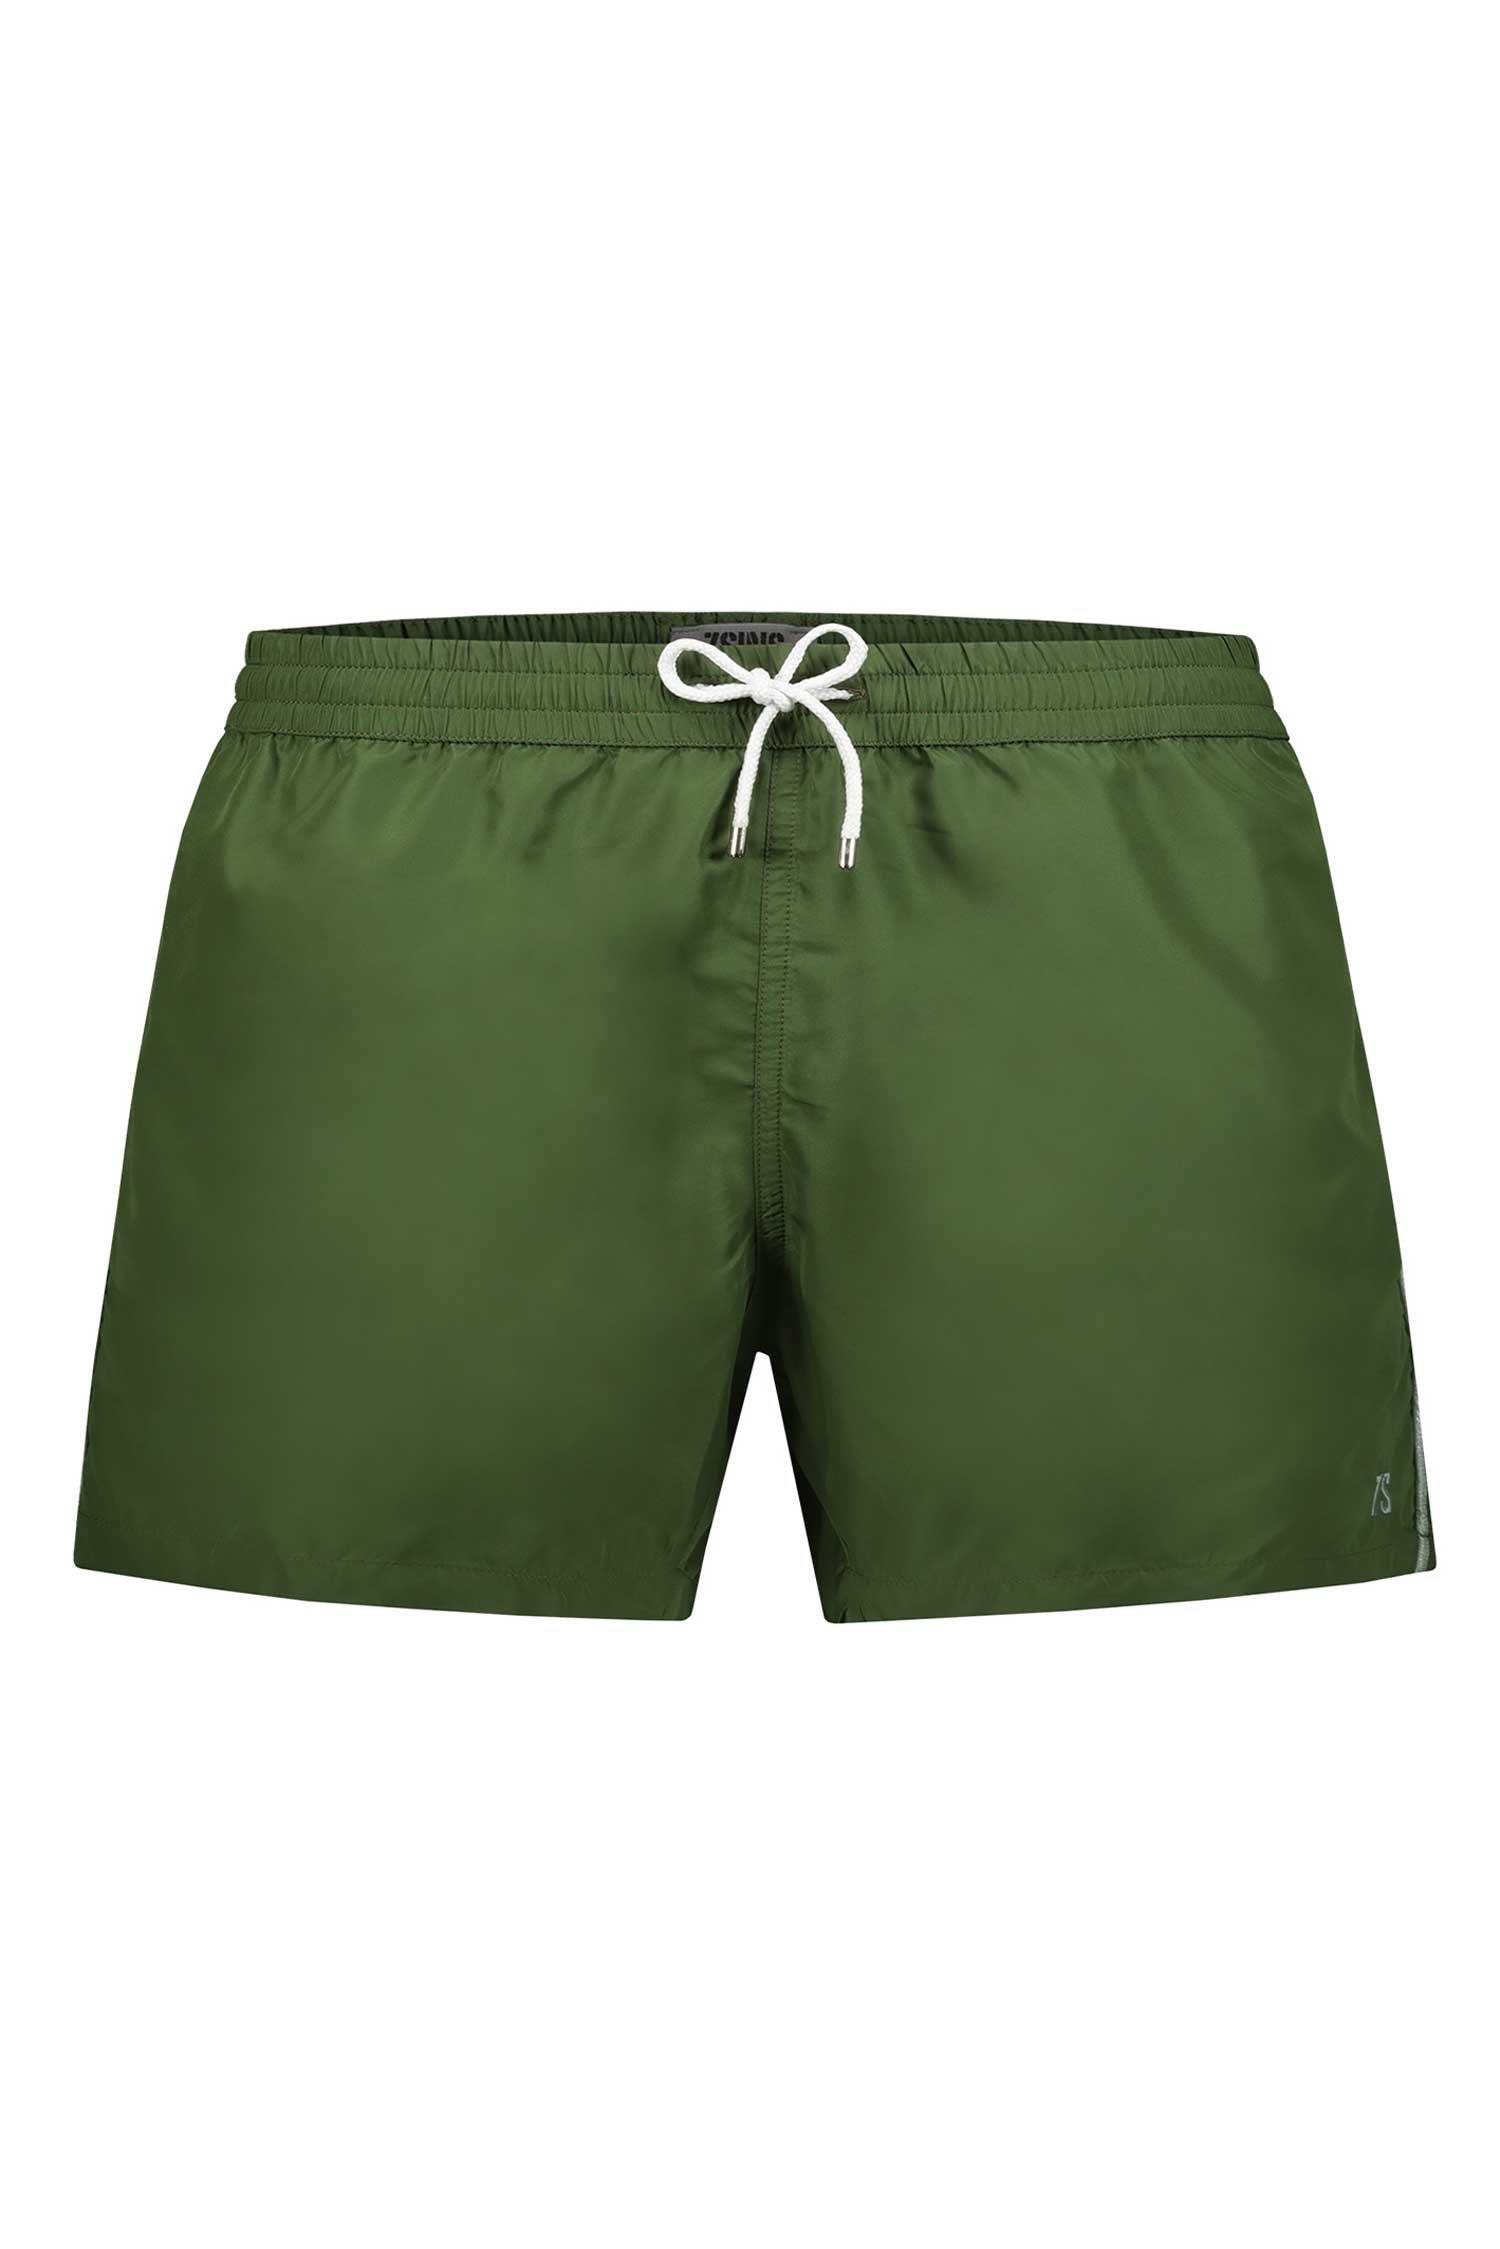 Pantaloncino da mare uomo - Verde Militare 104 Man